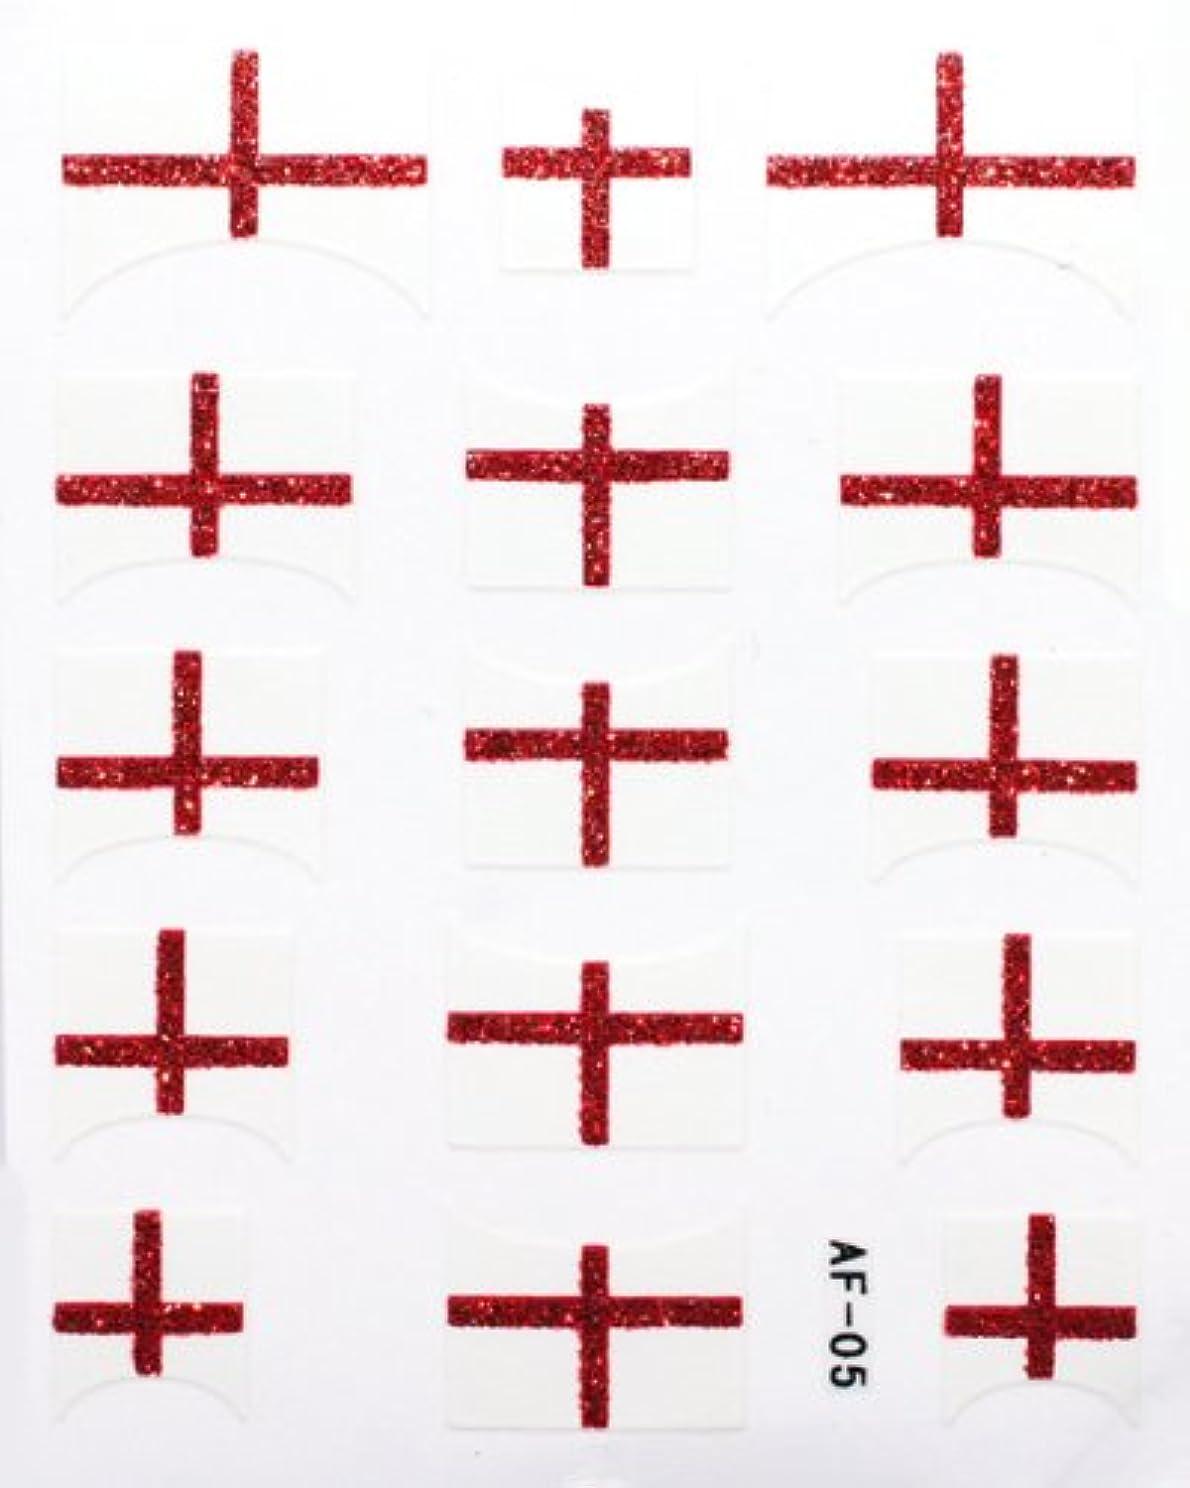 ぶどう部西部きらきら逆フレンチネイルシール イングランド国旗 AF05 貼るだけ ジェルネイルアート